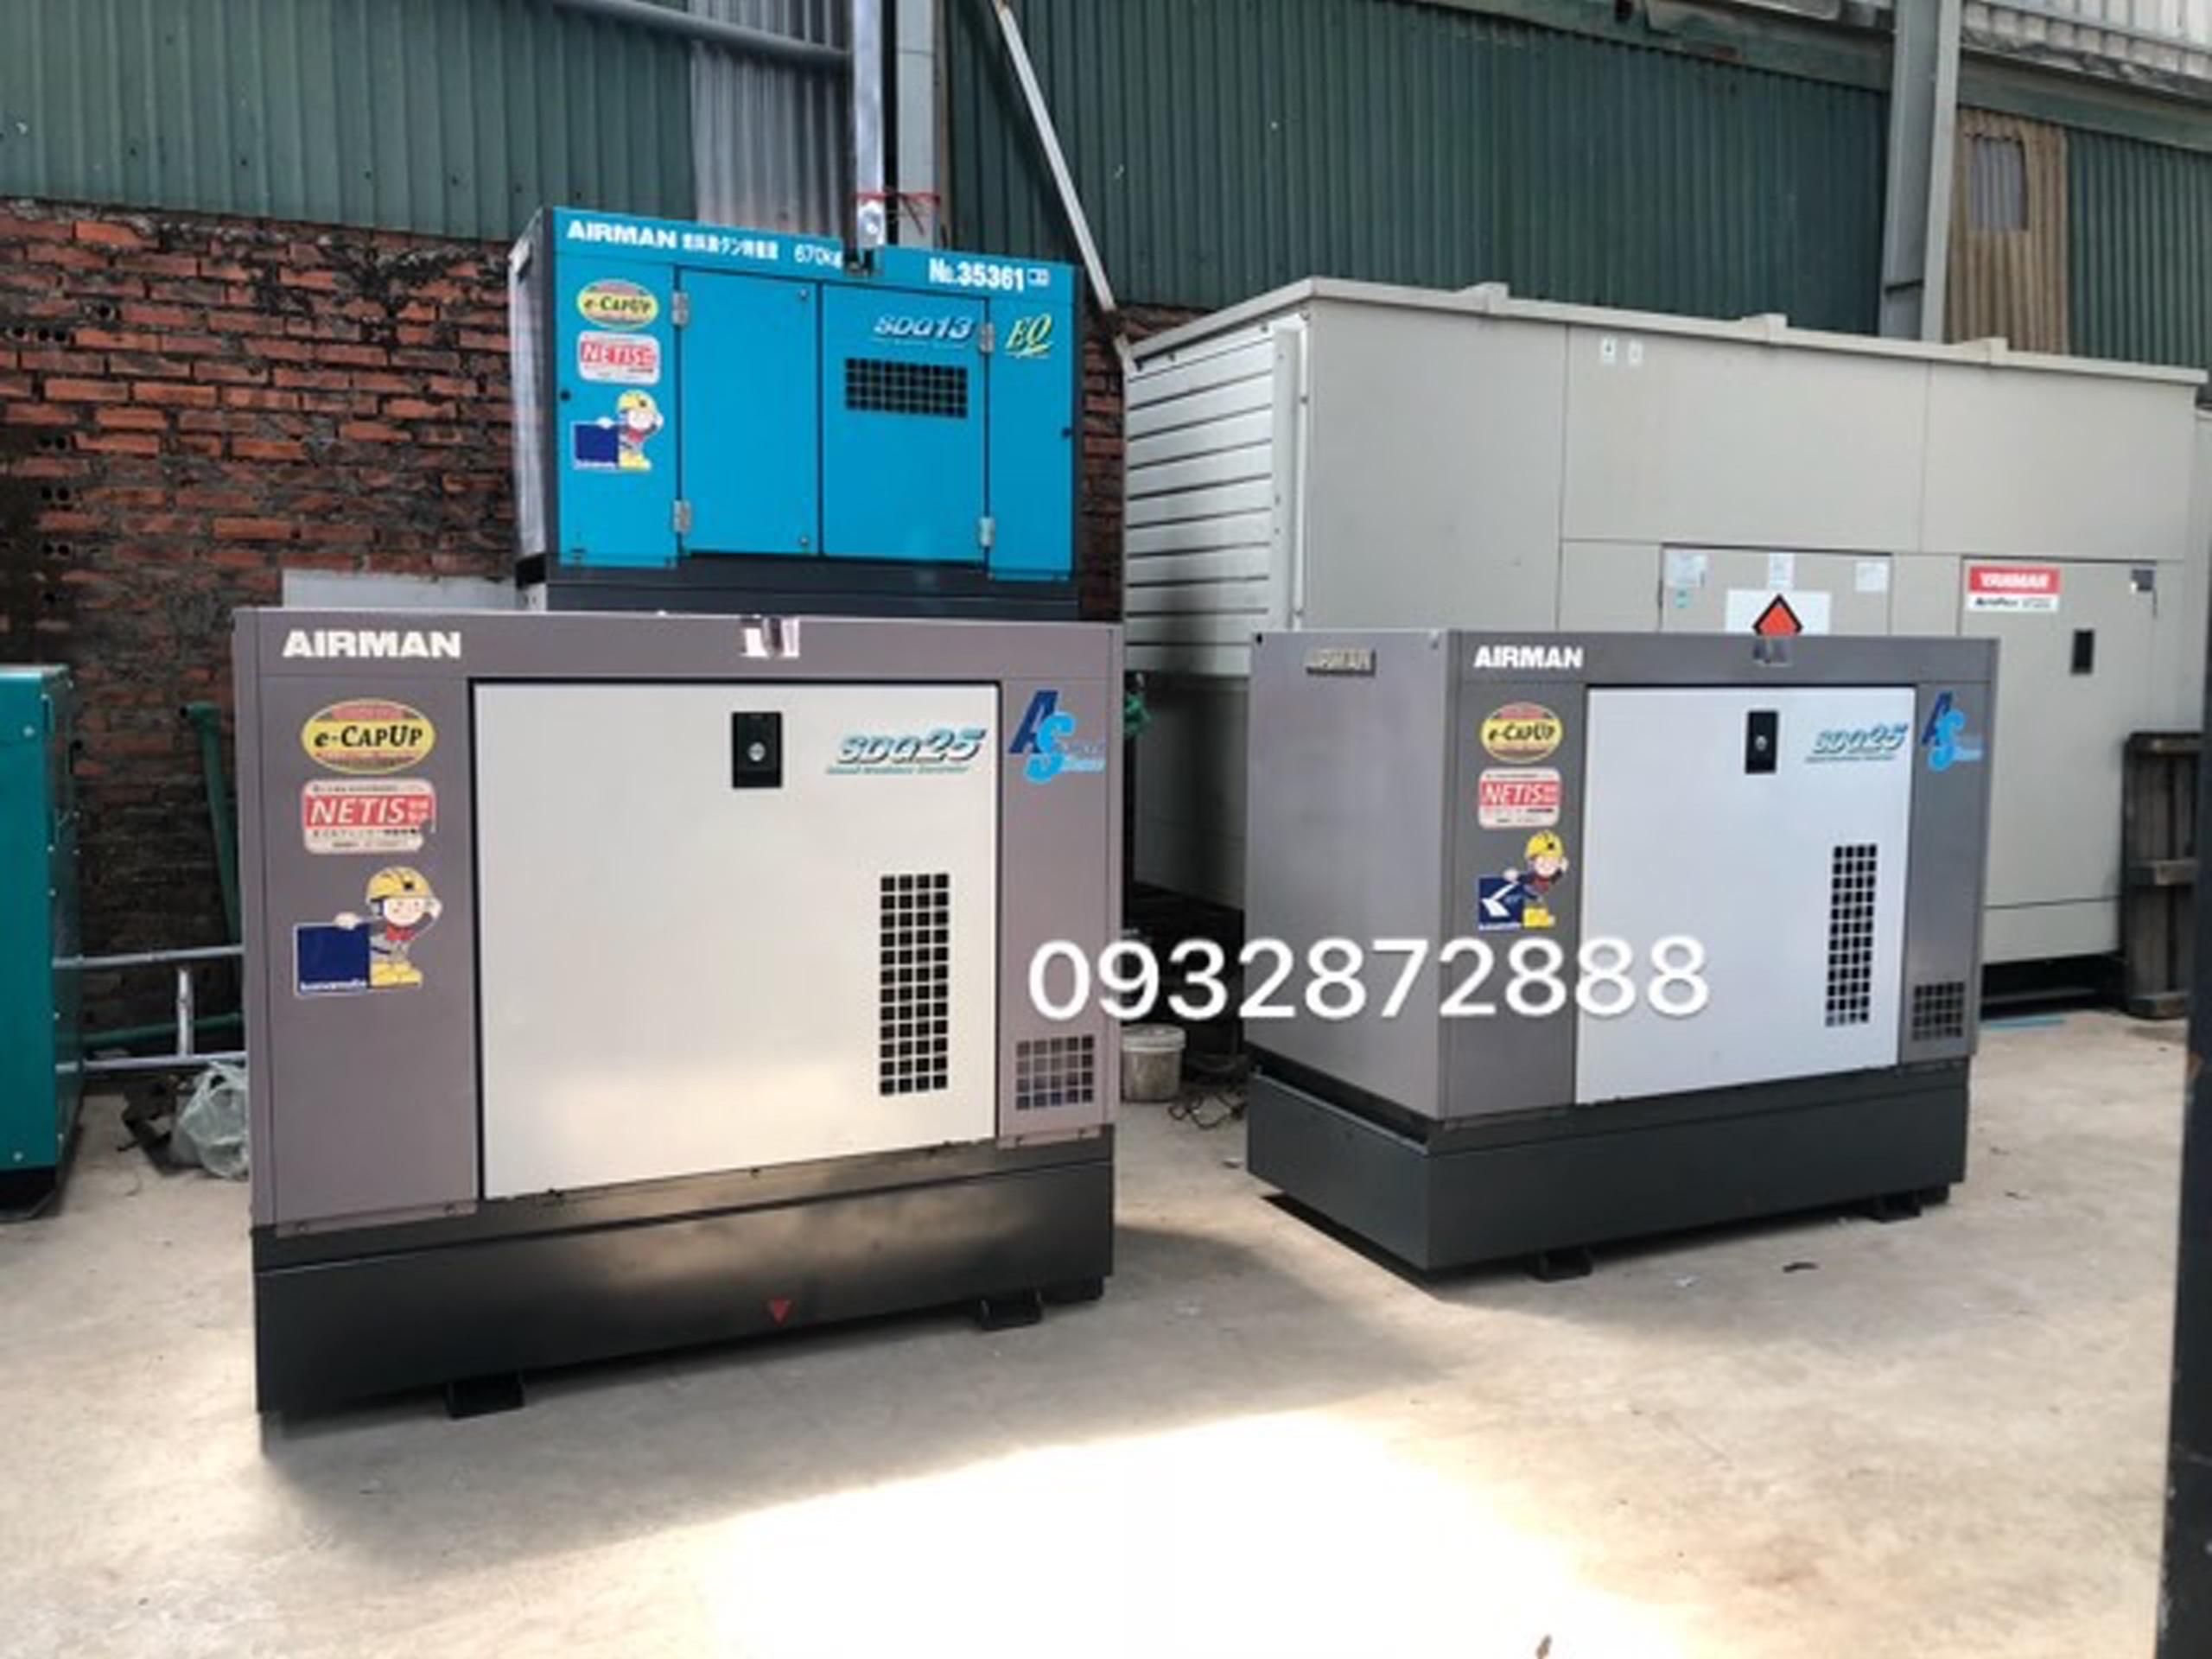 Chuyên sửa chữa máy phát điện MITSUBISHI - thợ lành nghề, có sẵn phụ kiện tại Hà Nội